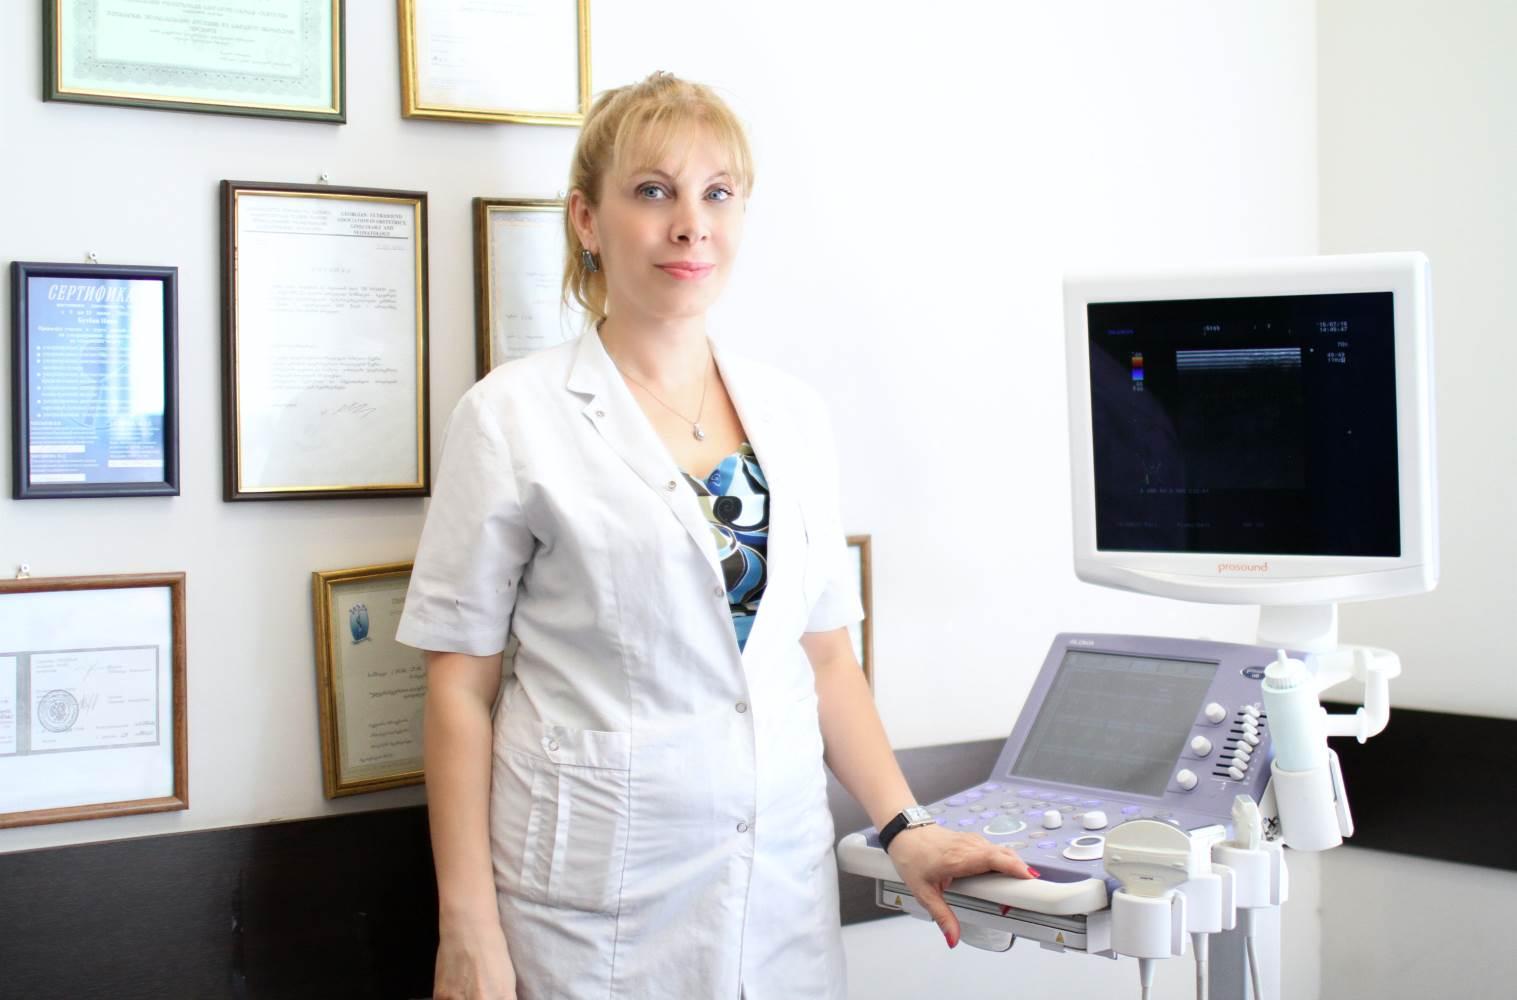 ნინო ბუთბაია რადიოლოგი